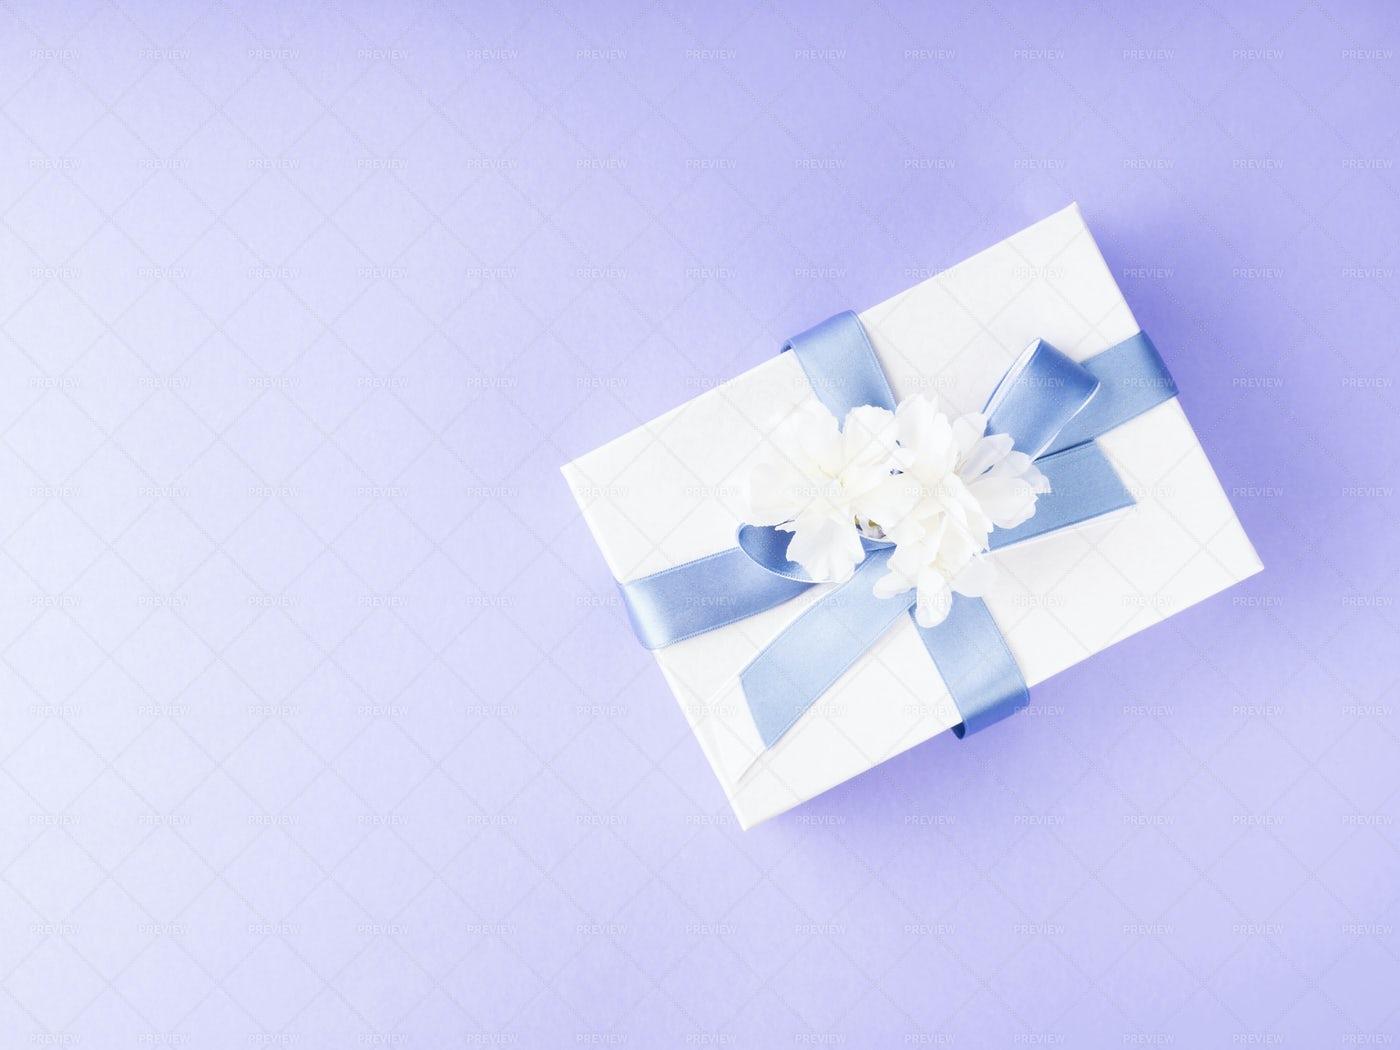 White Gift Box On Purple: Stock Photos